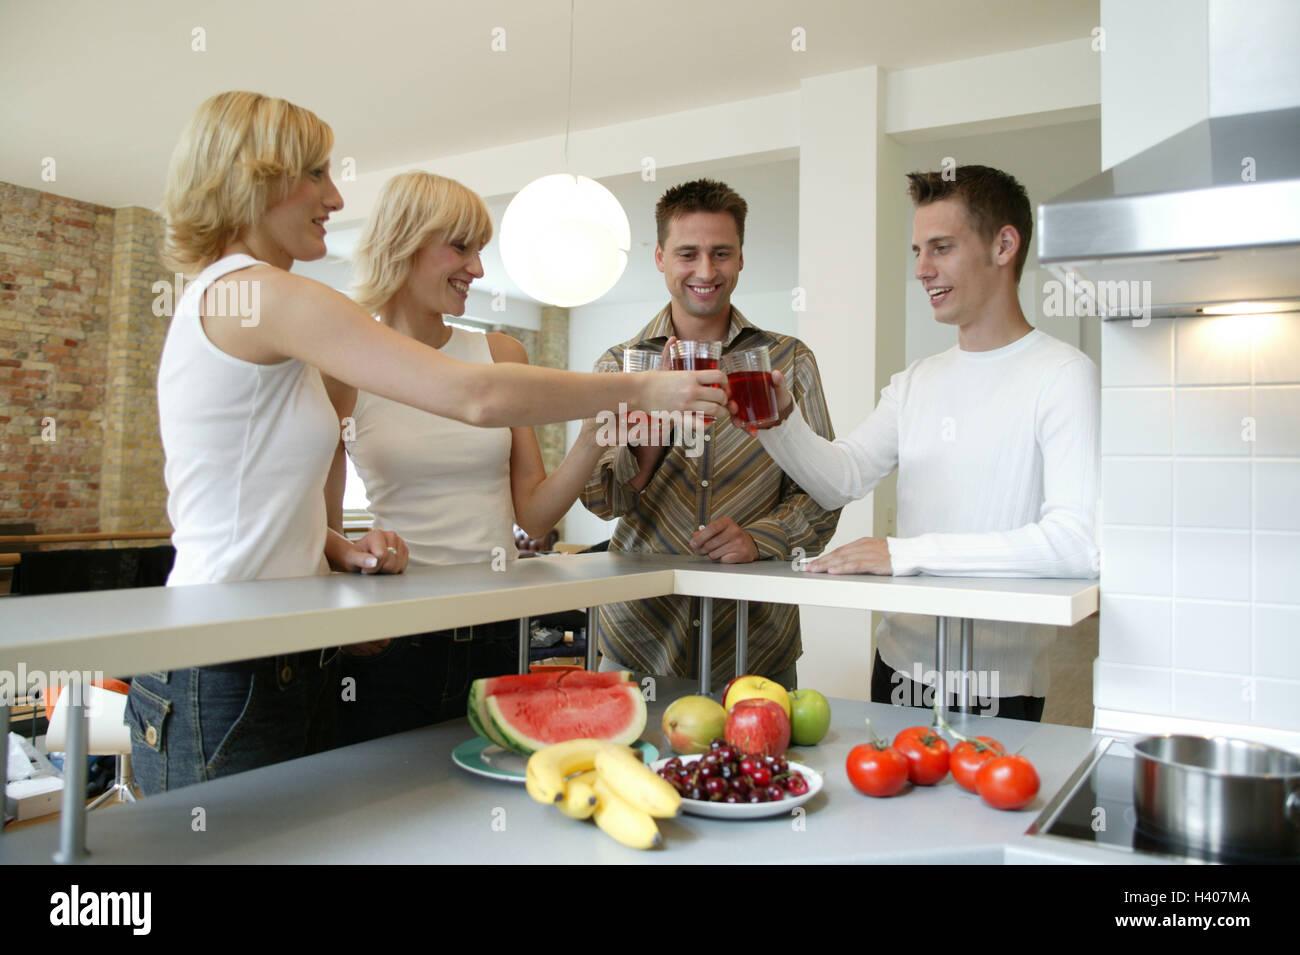 Wunderbar Die Küche Clique Bilder - Ideen Für Die Küche Dekoration ...